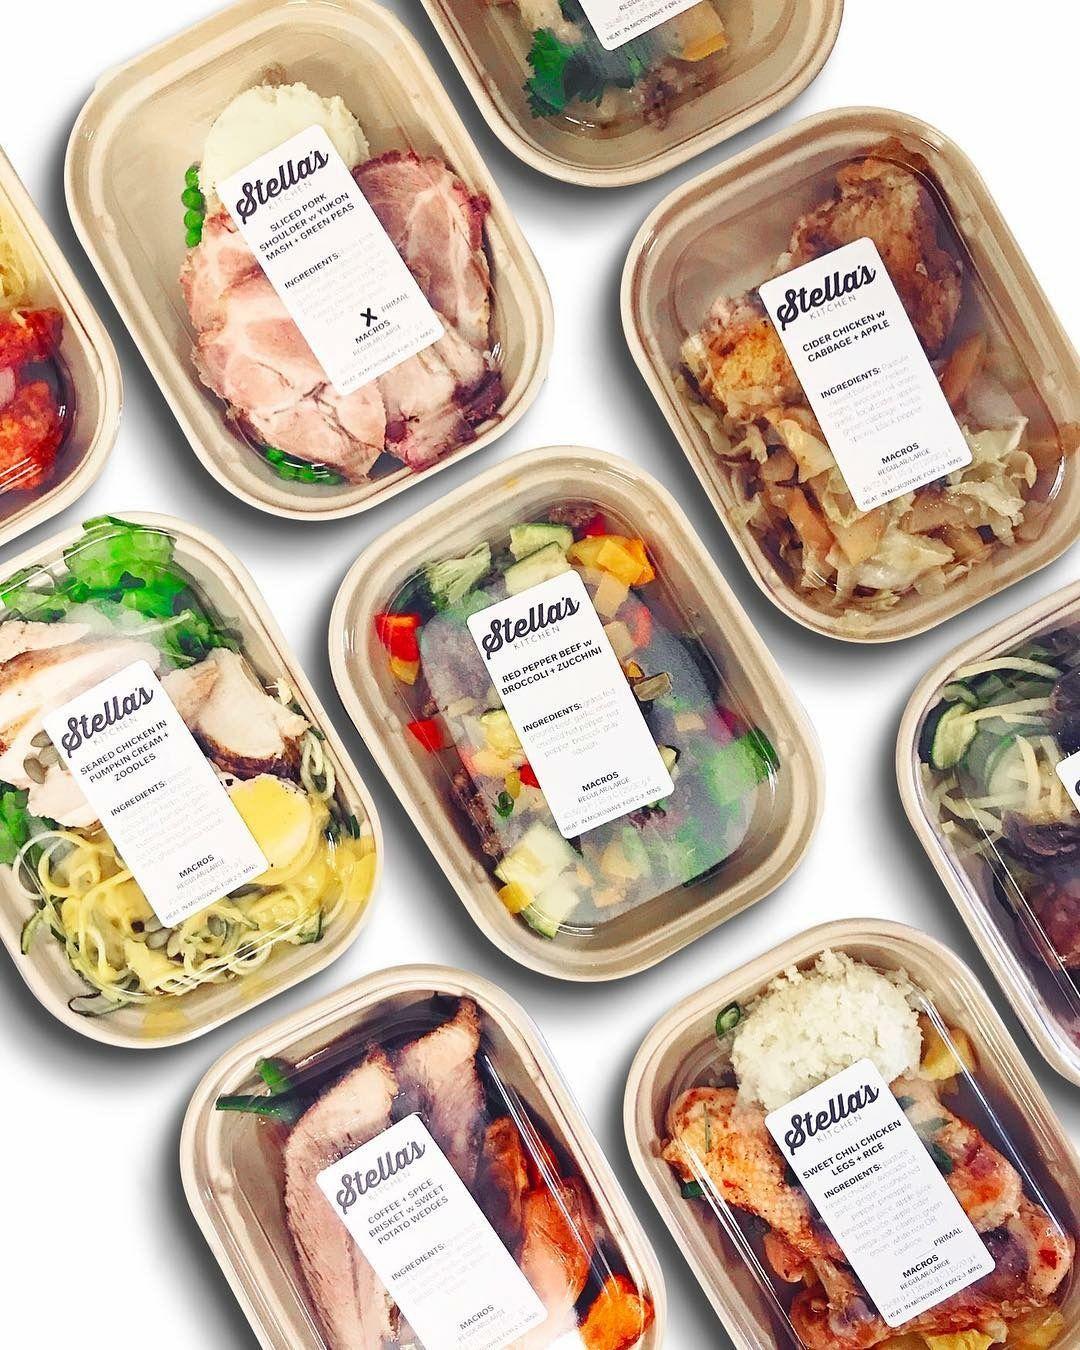 Pin By Rehan Beyg On Packaging Food Packaging Food Delivery Packaging Cafe Food